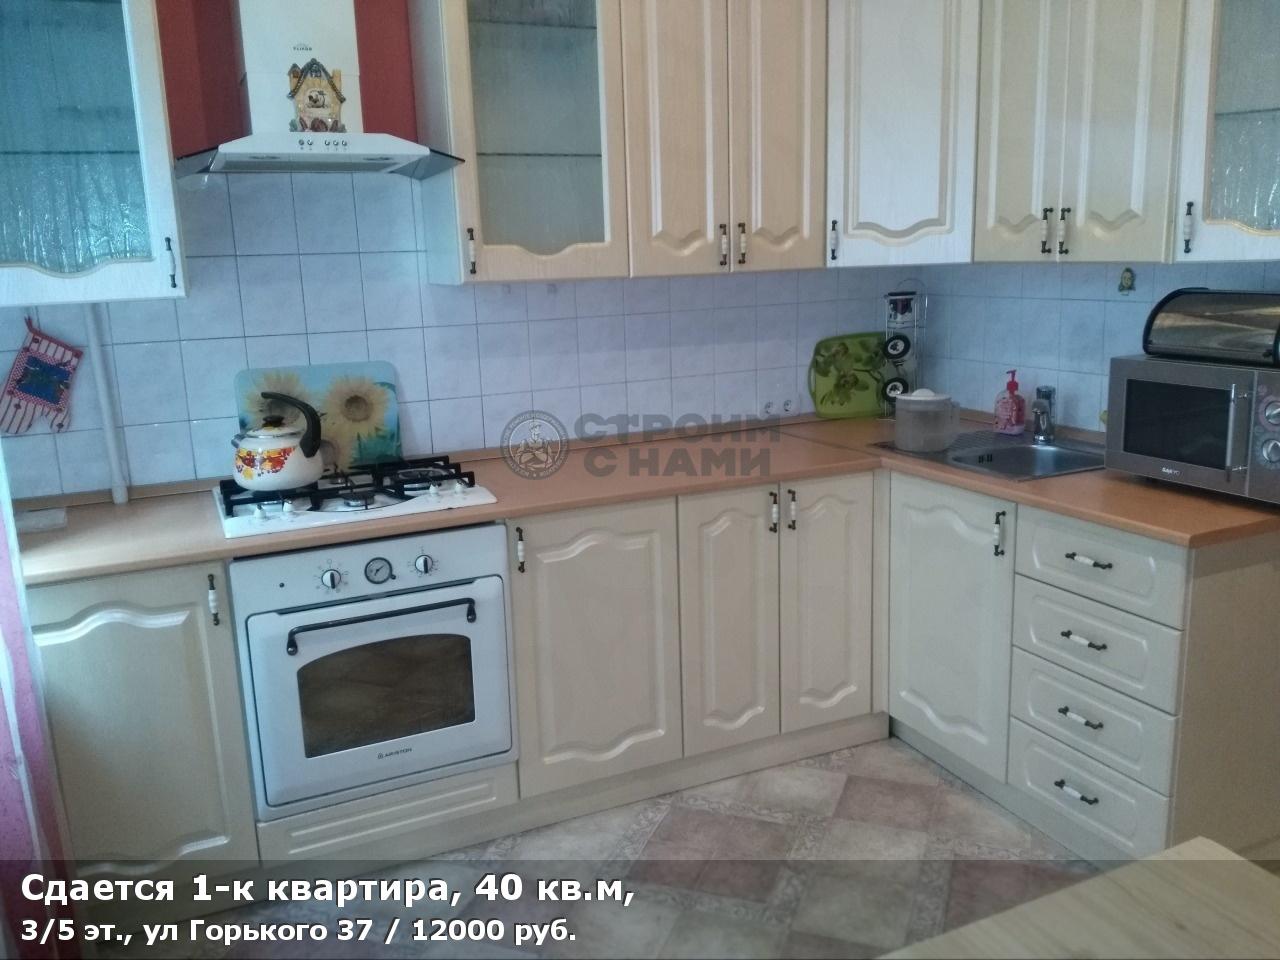 Сдается 1-к квартира, 40 кв.м, 3/5 эт., ул Горького 37